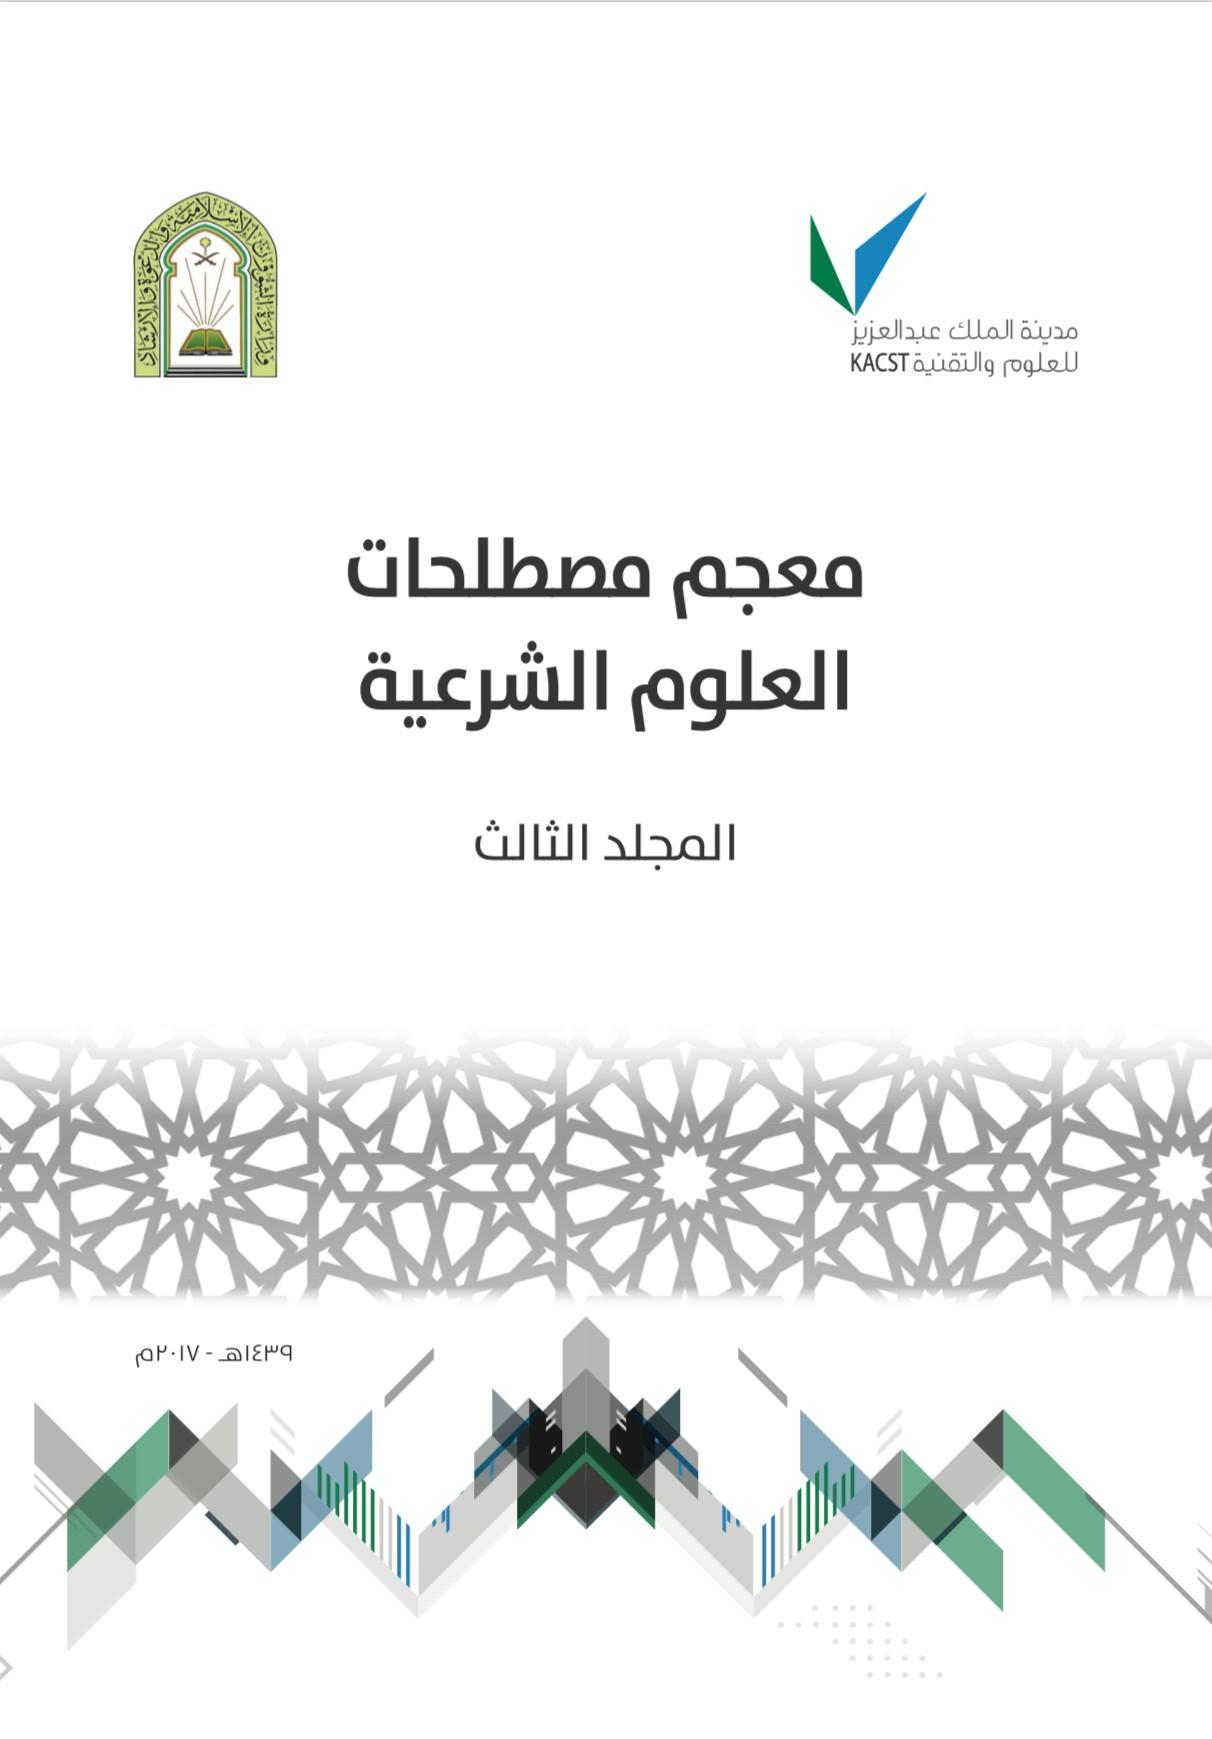 معجم مصطلحات العلوم الشرعية - المجلد الثالث